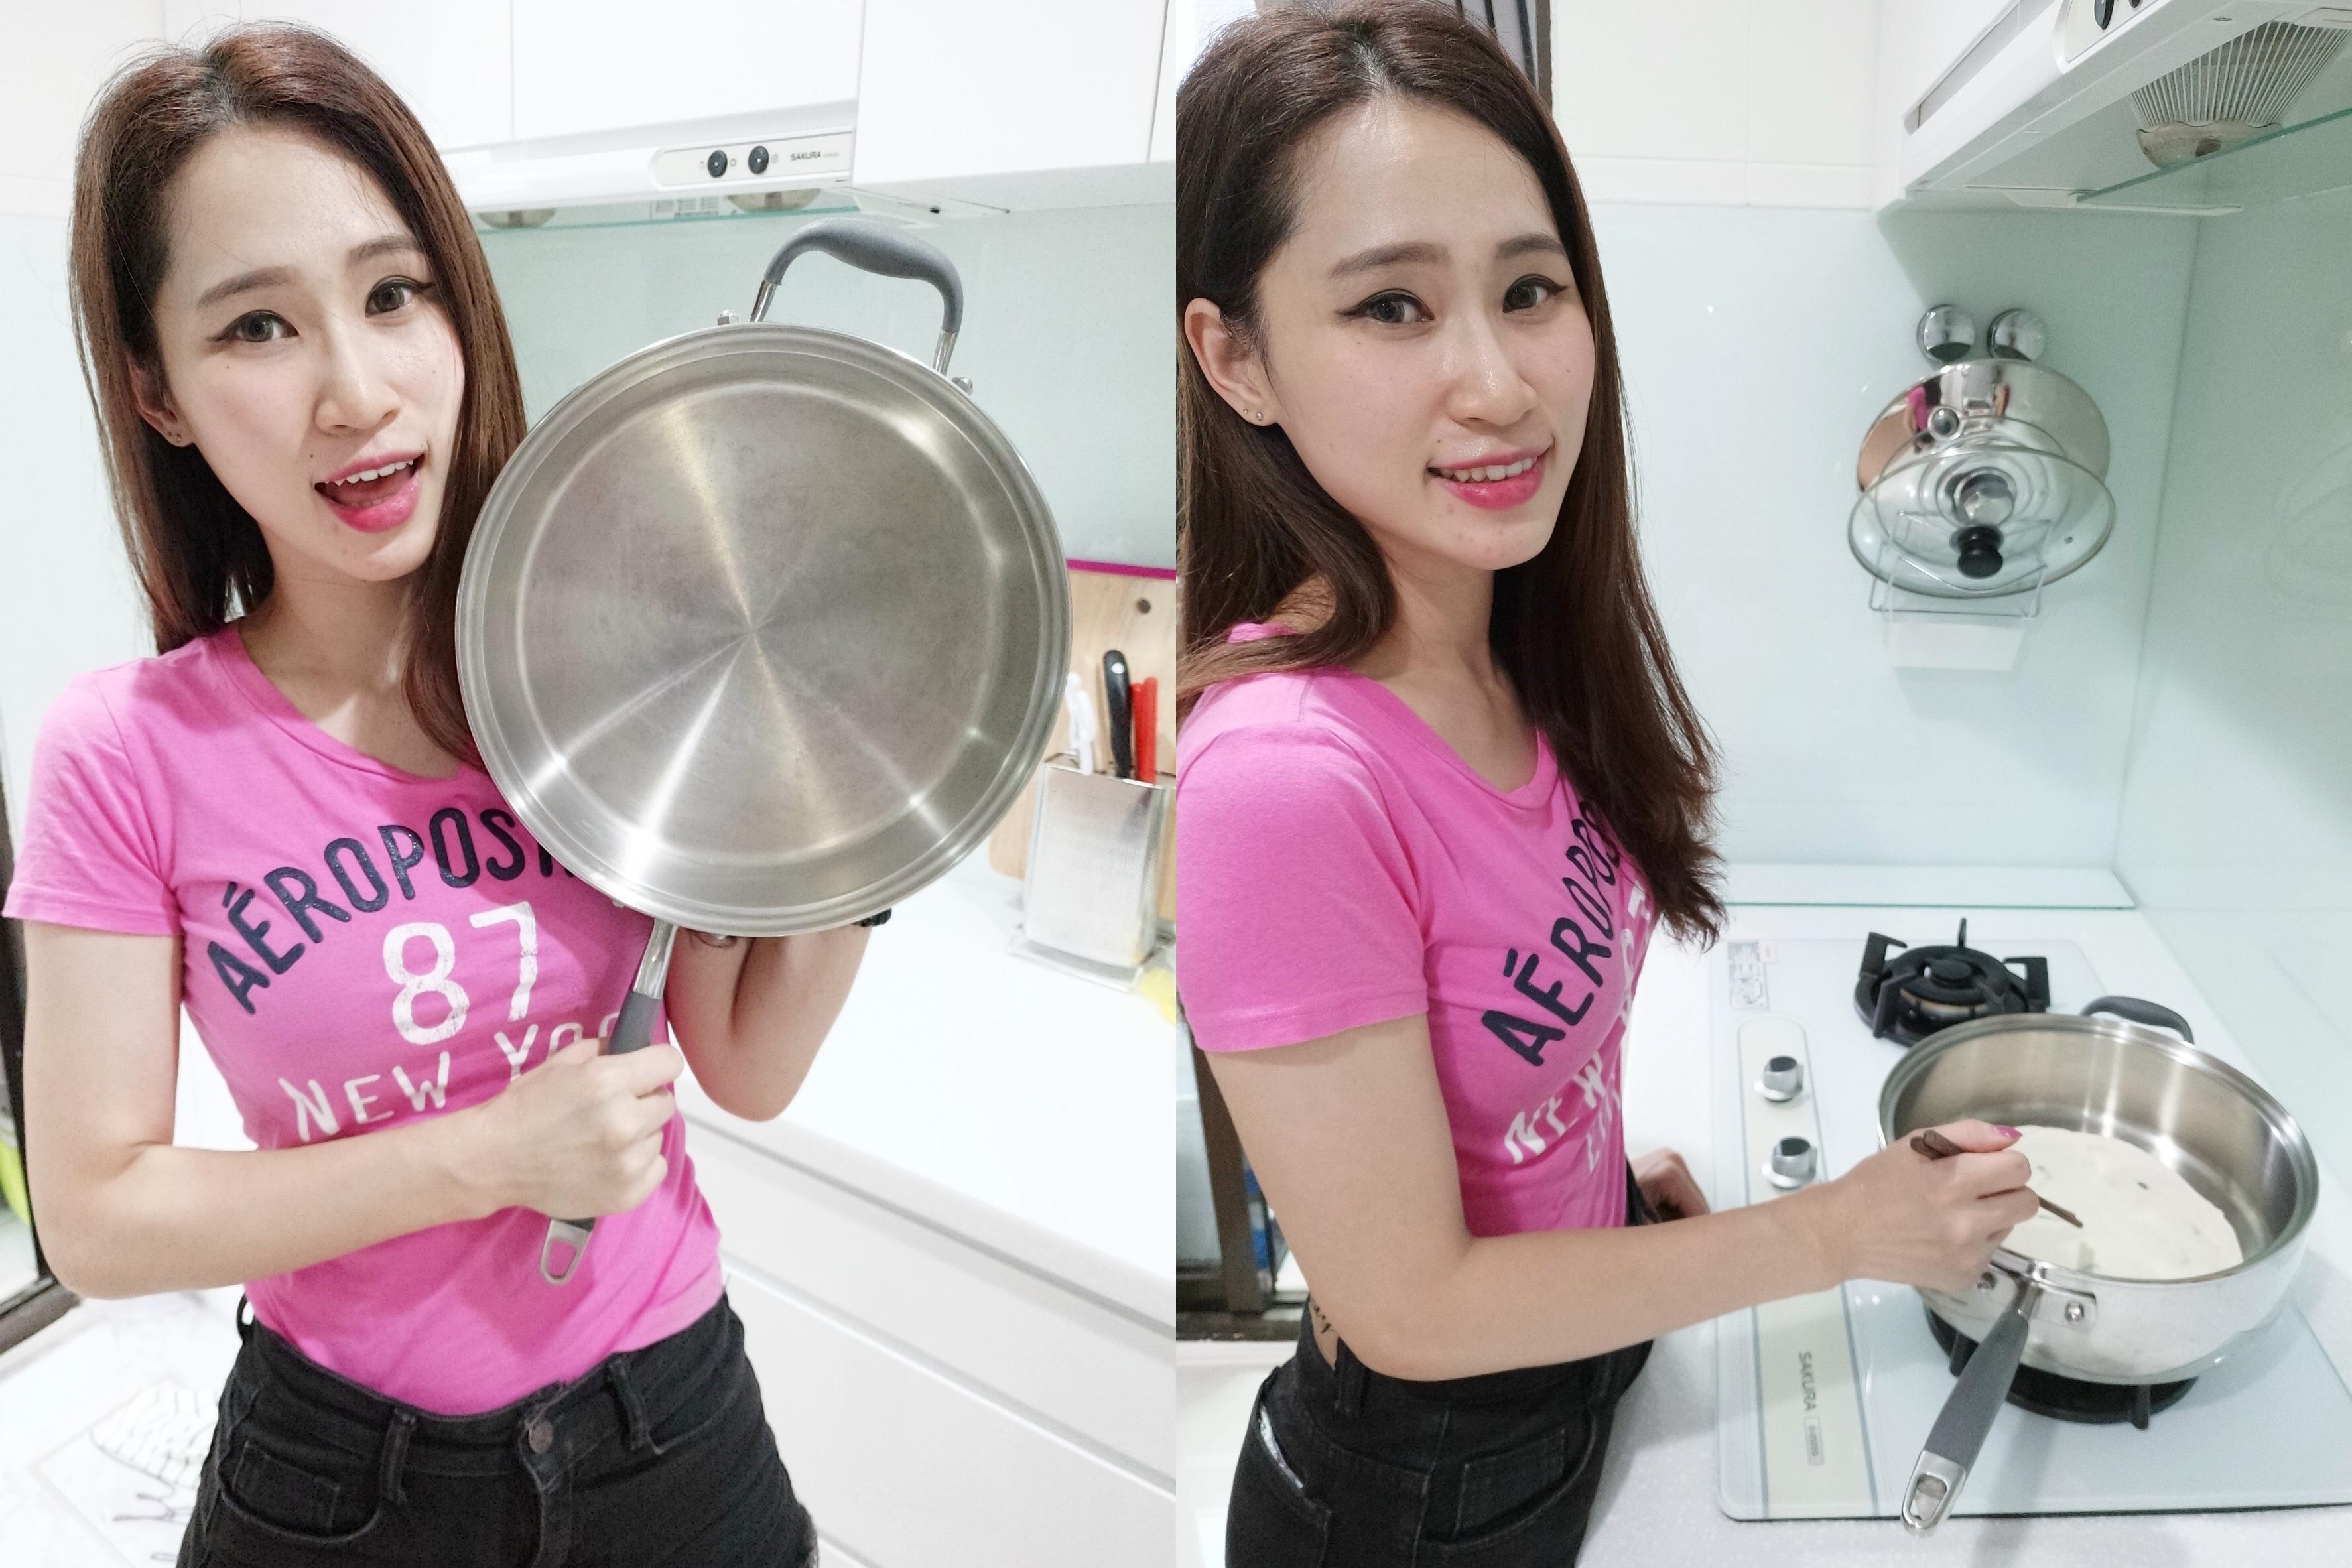 推薦鍋具 FJ新科技快鍋 316醫療級不鏽鋼鍋快鍋炒鍋 也是安全的壓力鍋唷!!